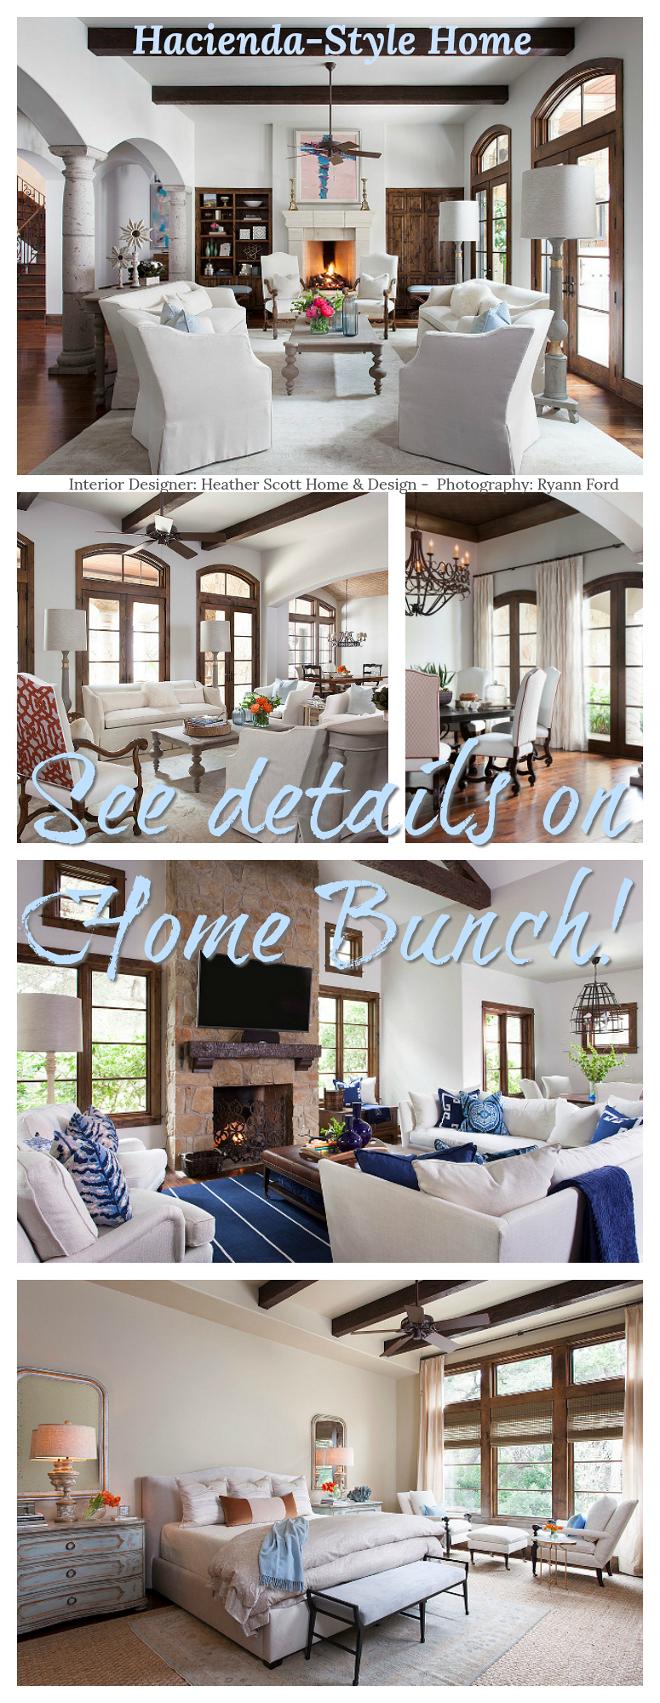 Hacienda-Style Home Hacienda-Style Home Interiors Hacienda-Style Home Ideas Hacienda-Style Home Design #HaciendaStyleHome #HaciendaHome